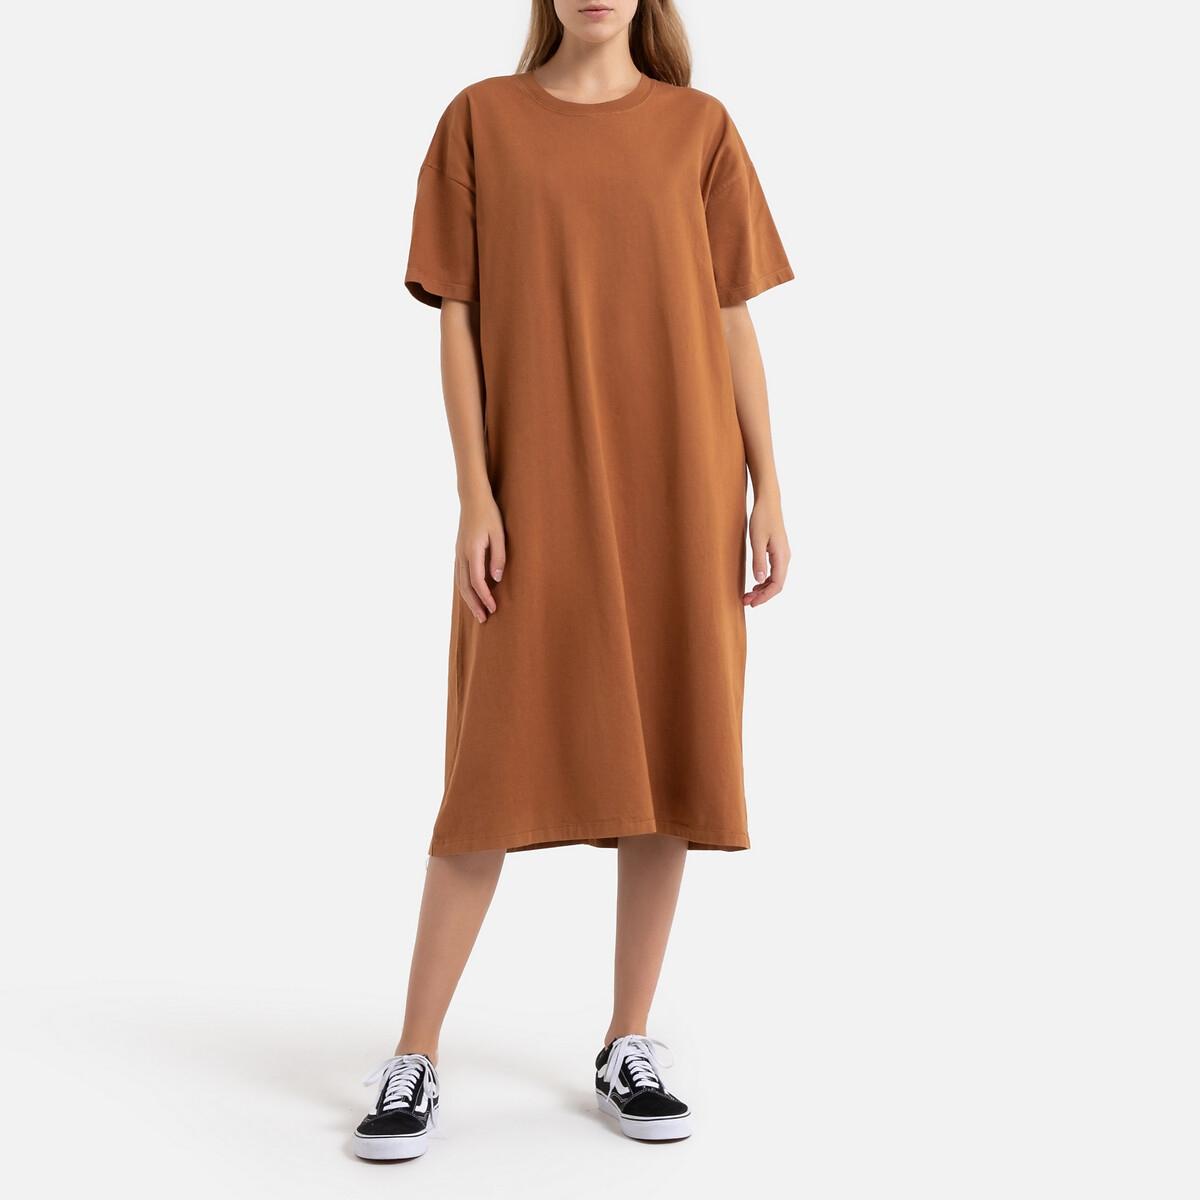 Платье-футболка La Redoute С короткими рукавами FIZVALLEY XS каштановый платье la redoute с запахом с короткими рукавами xs синий